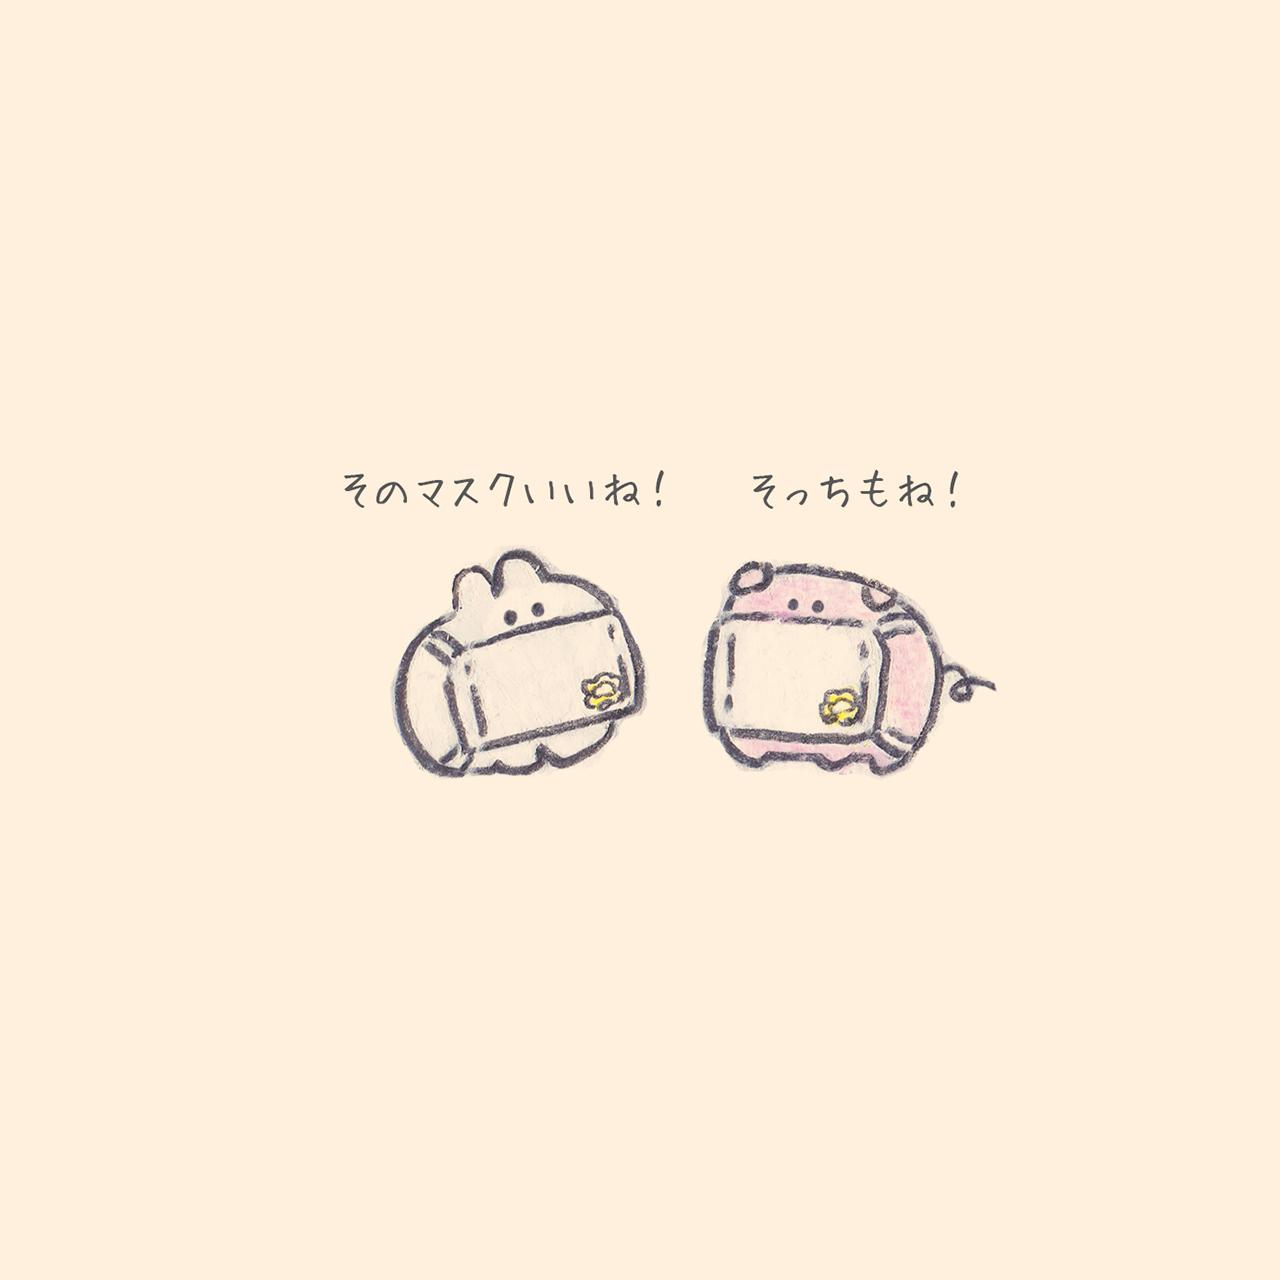 もくもくちゃん ×プリスティンコラボ描き下ろしイラスト!